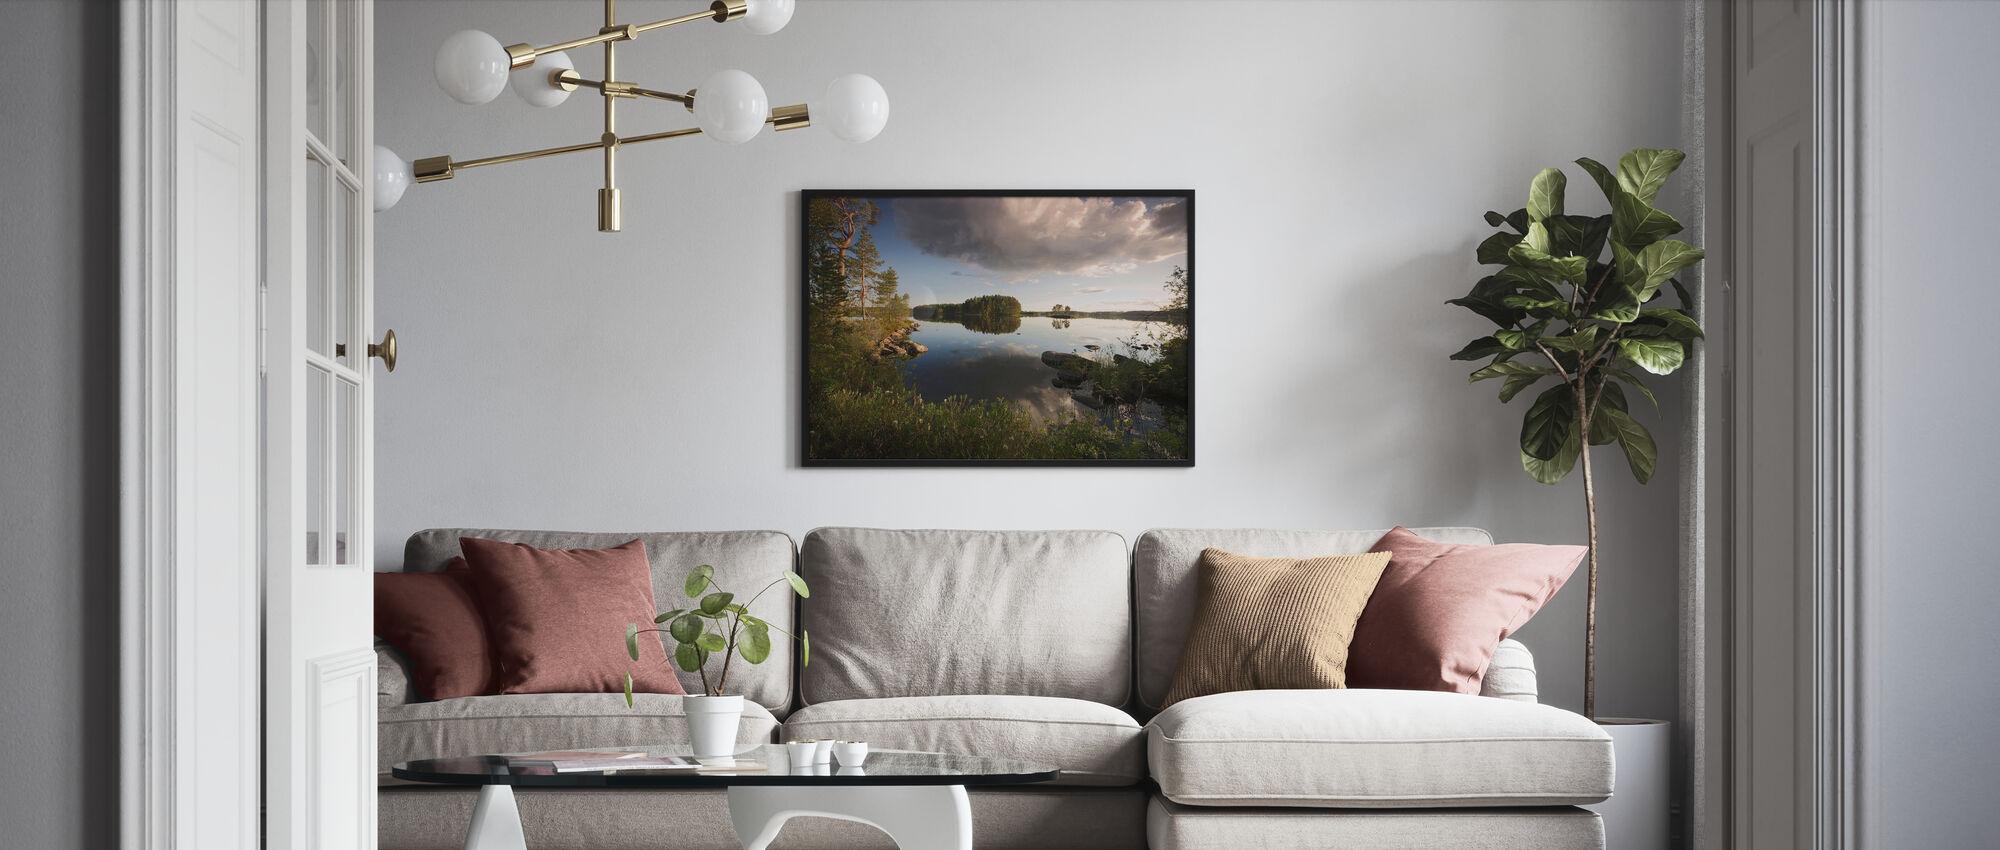 Swedish Summer Landscape - Poster - Living Room